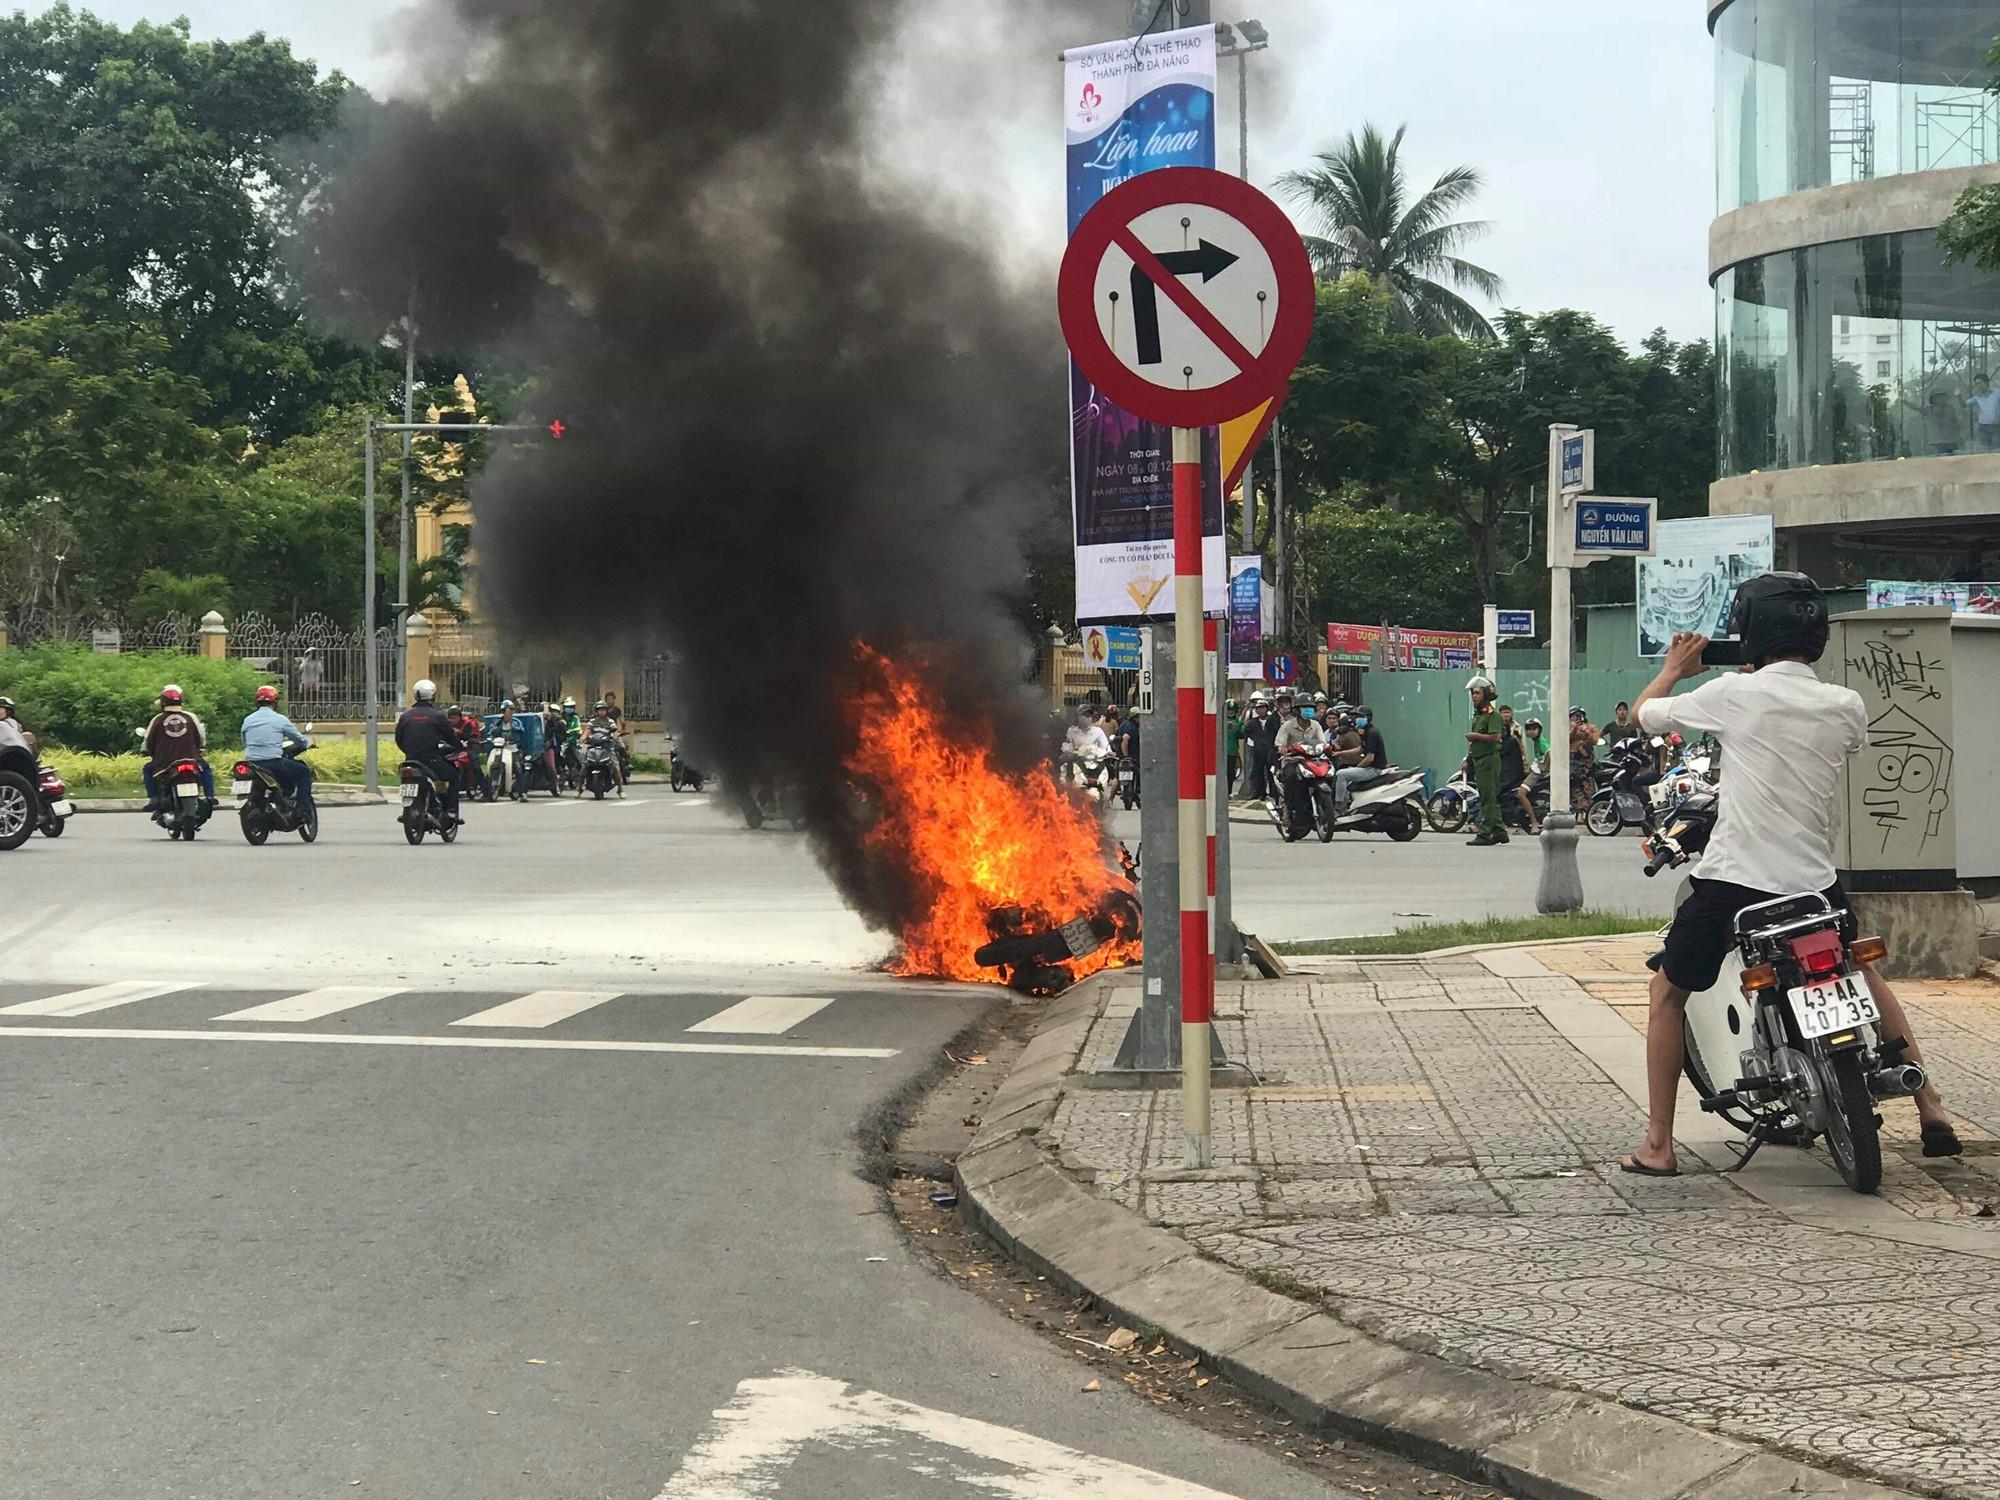 Xe tay ga bốc cháy dữ dội trên đường phố Đà Nẵng, cô gái trẻ tá hỏa bỏ chạy - Ảnh 2.